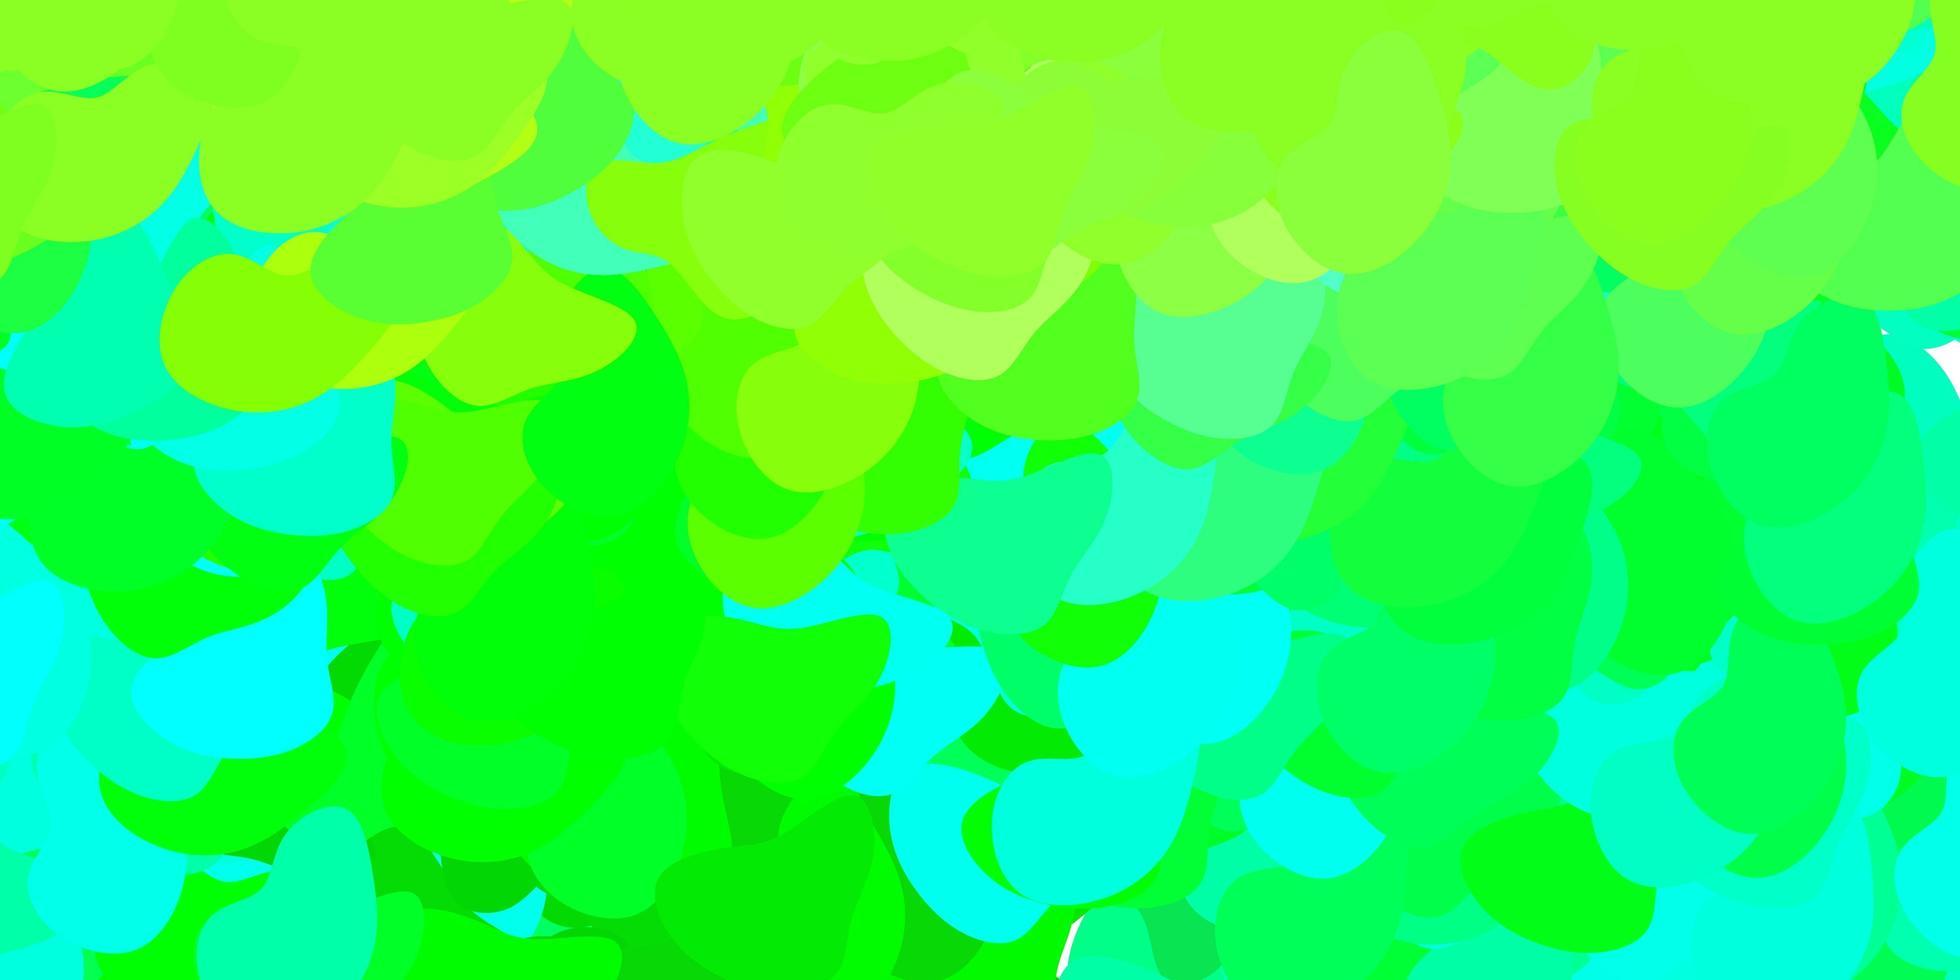 lichtblauw, groen sjabloon met abstracte vormen. vector